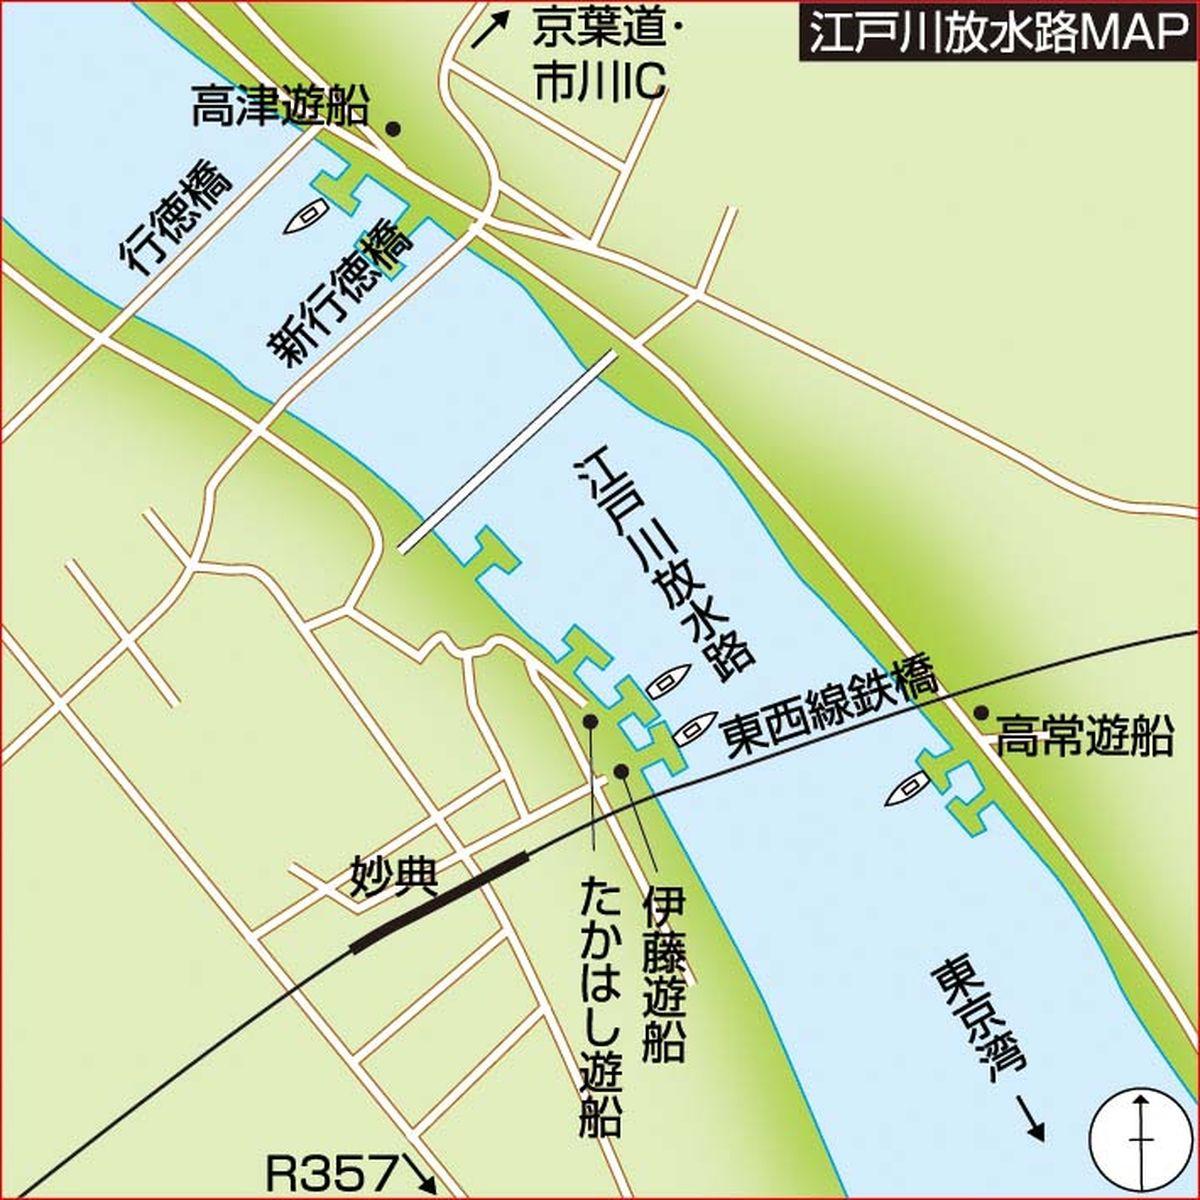 047-048-choinage-tsuriba_cs6 (4)